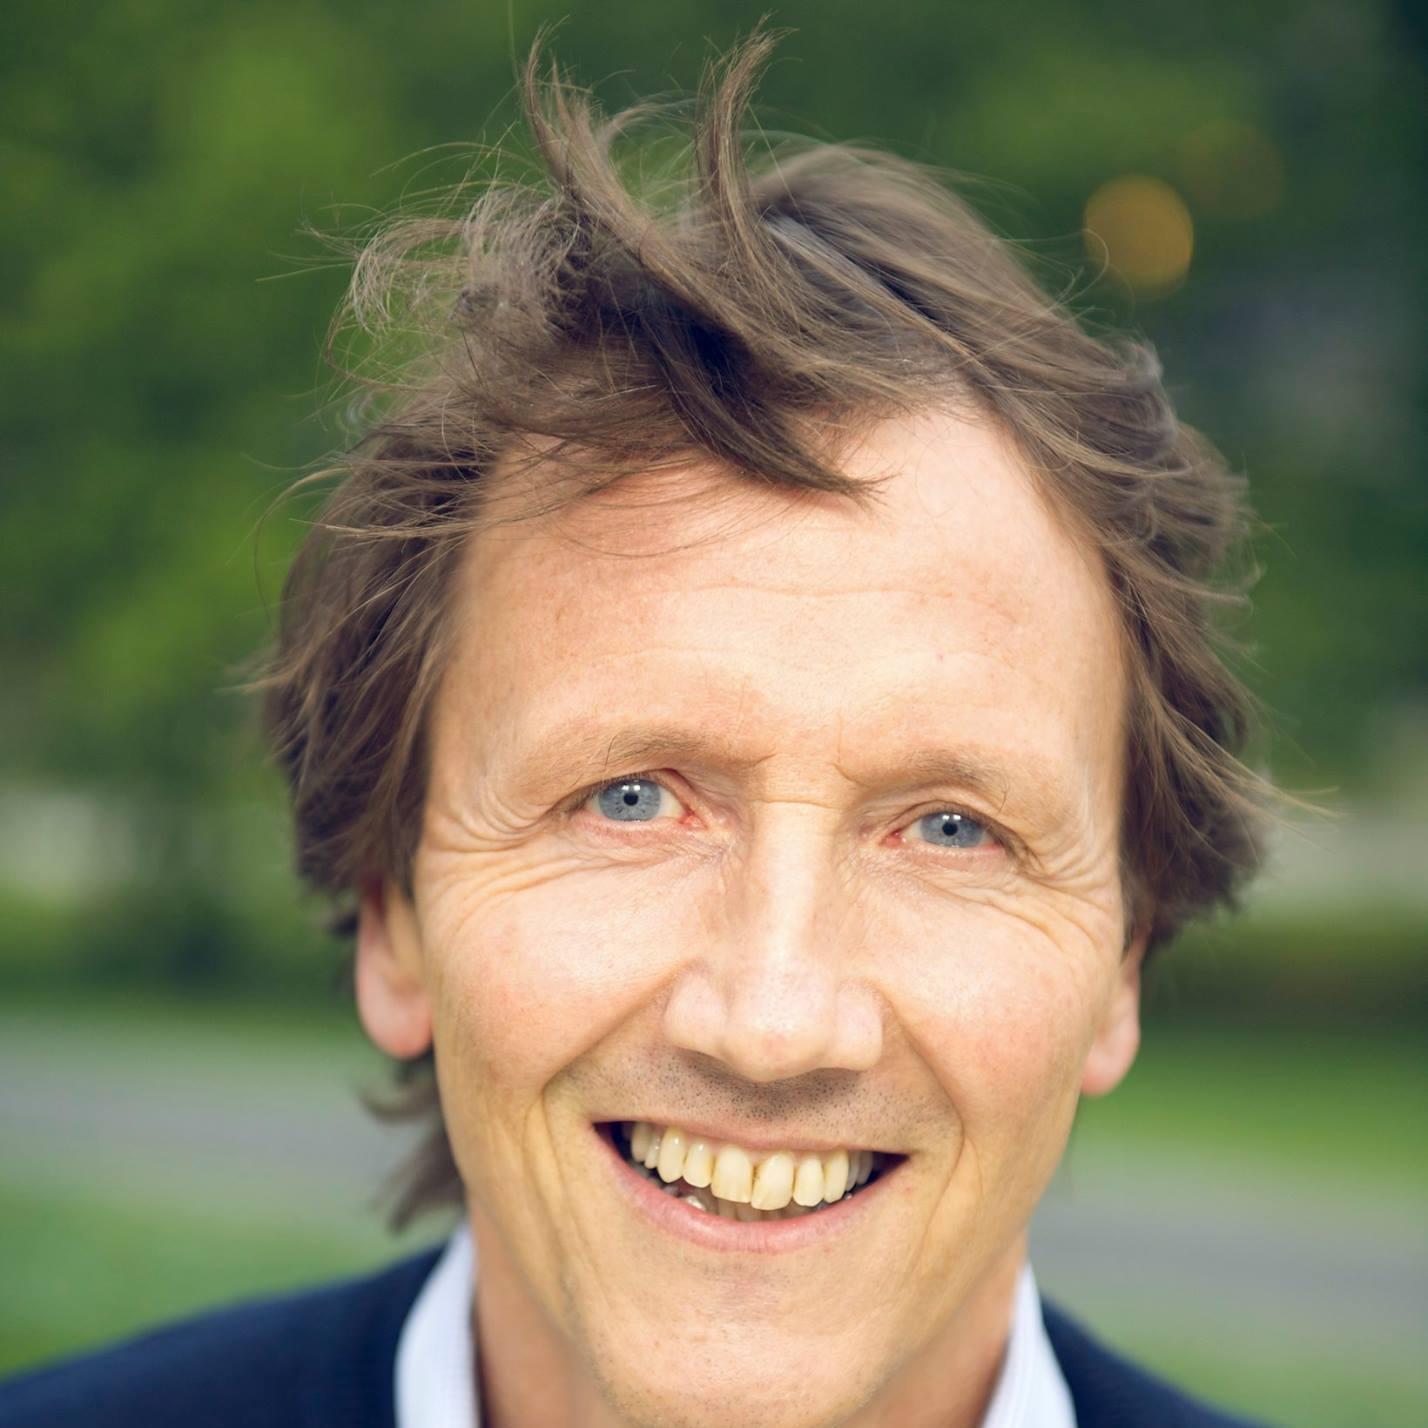 Andrew P. Kroglund